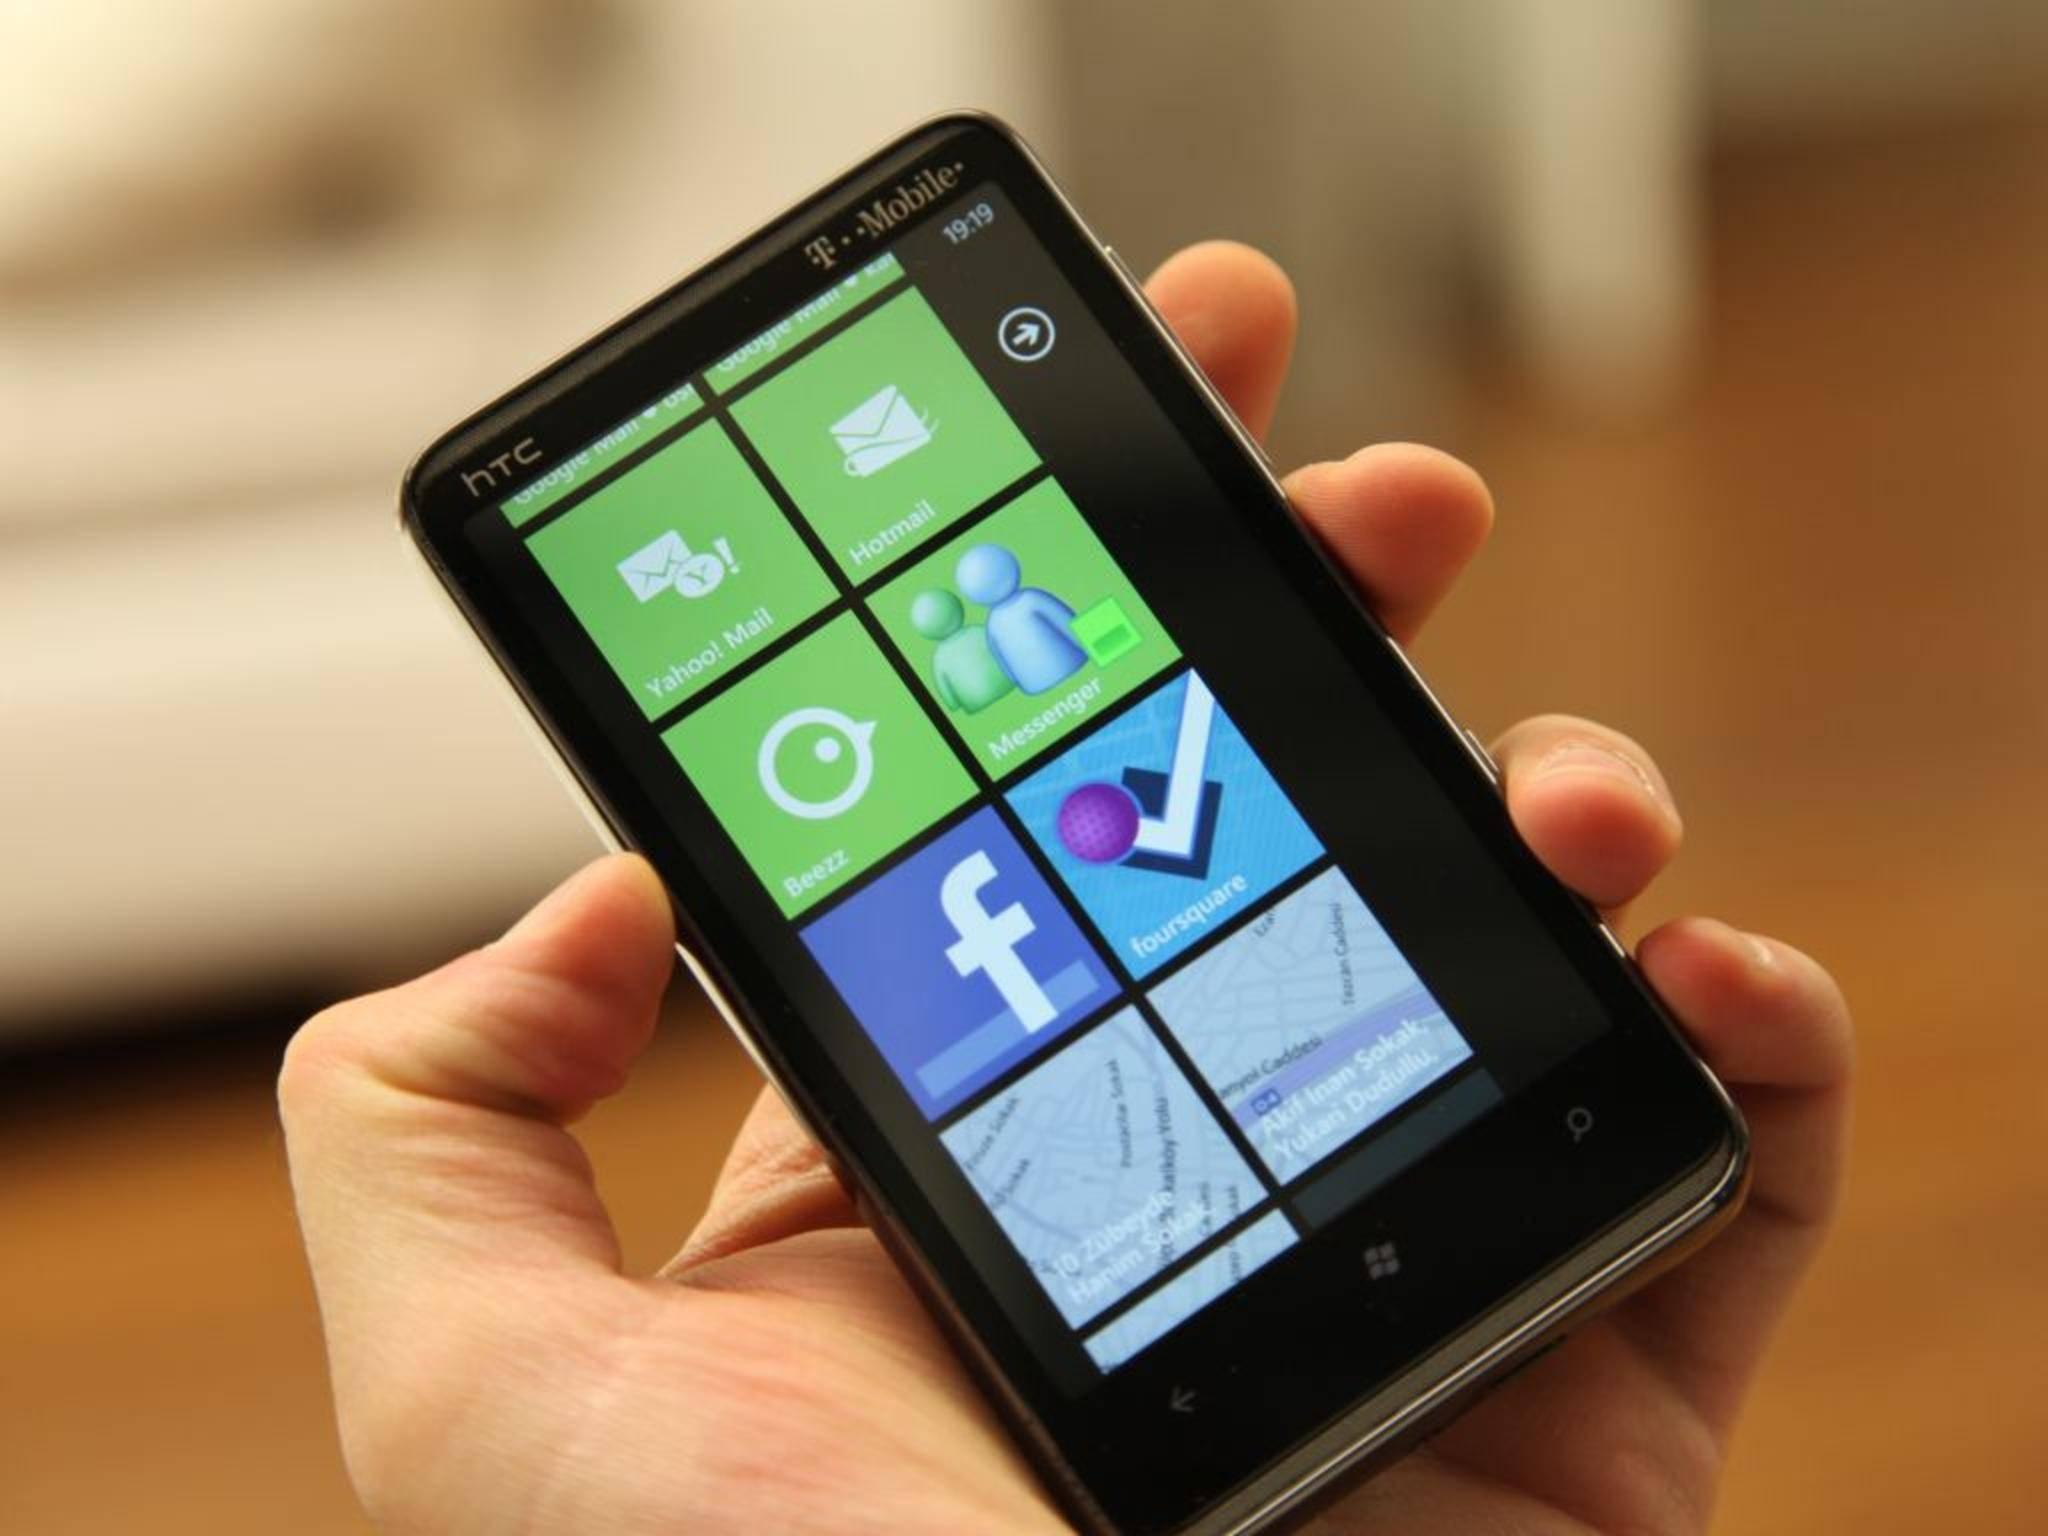 Auf dem Vorgängermodell des 2010 erschienen HTC HD7 läuft Android 6.0 Marshmallow.